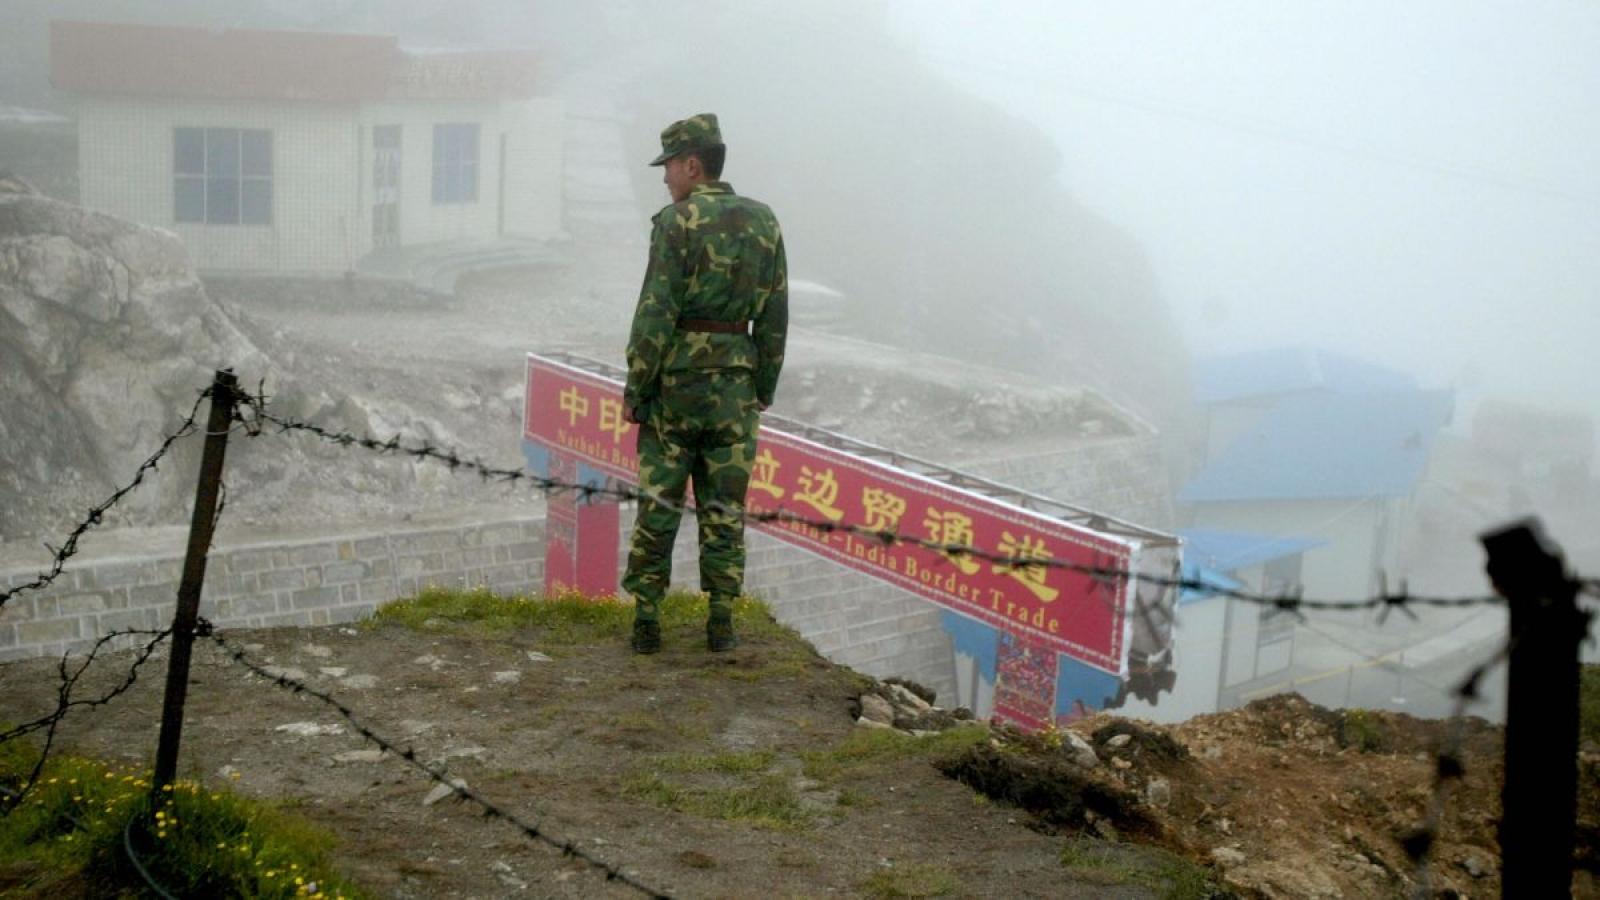 Trung Quốc phủ nhận việc đạt được phương án rút quân khỏi khu vực tranh chấp với Ấn Độ